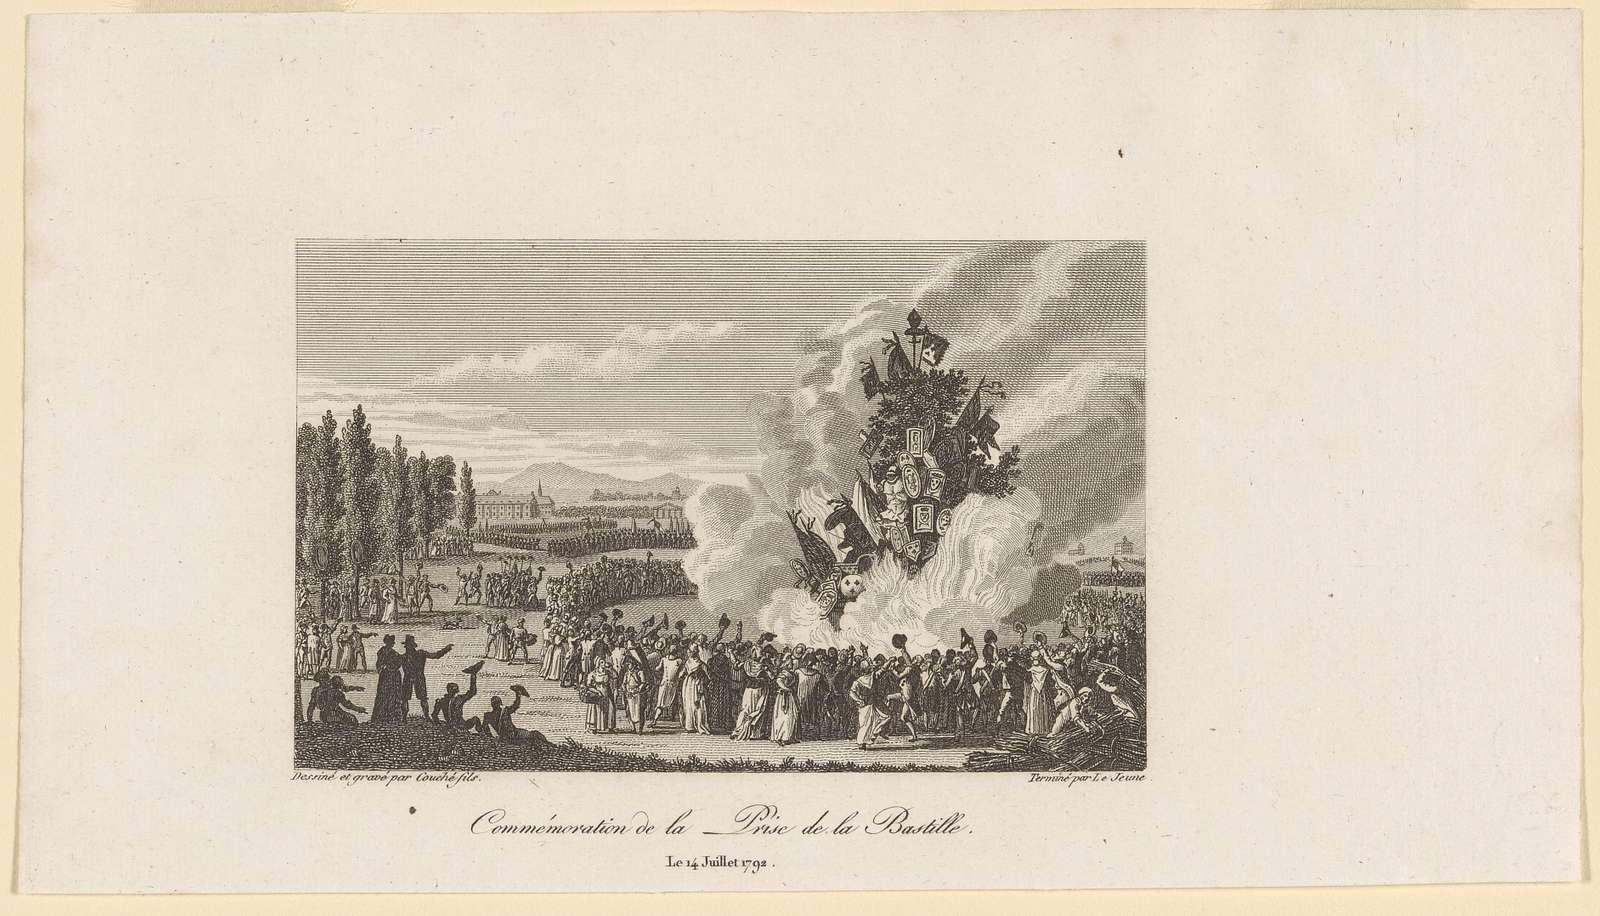 Commémoration de la Prise de la Bastille